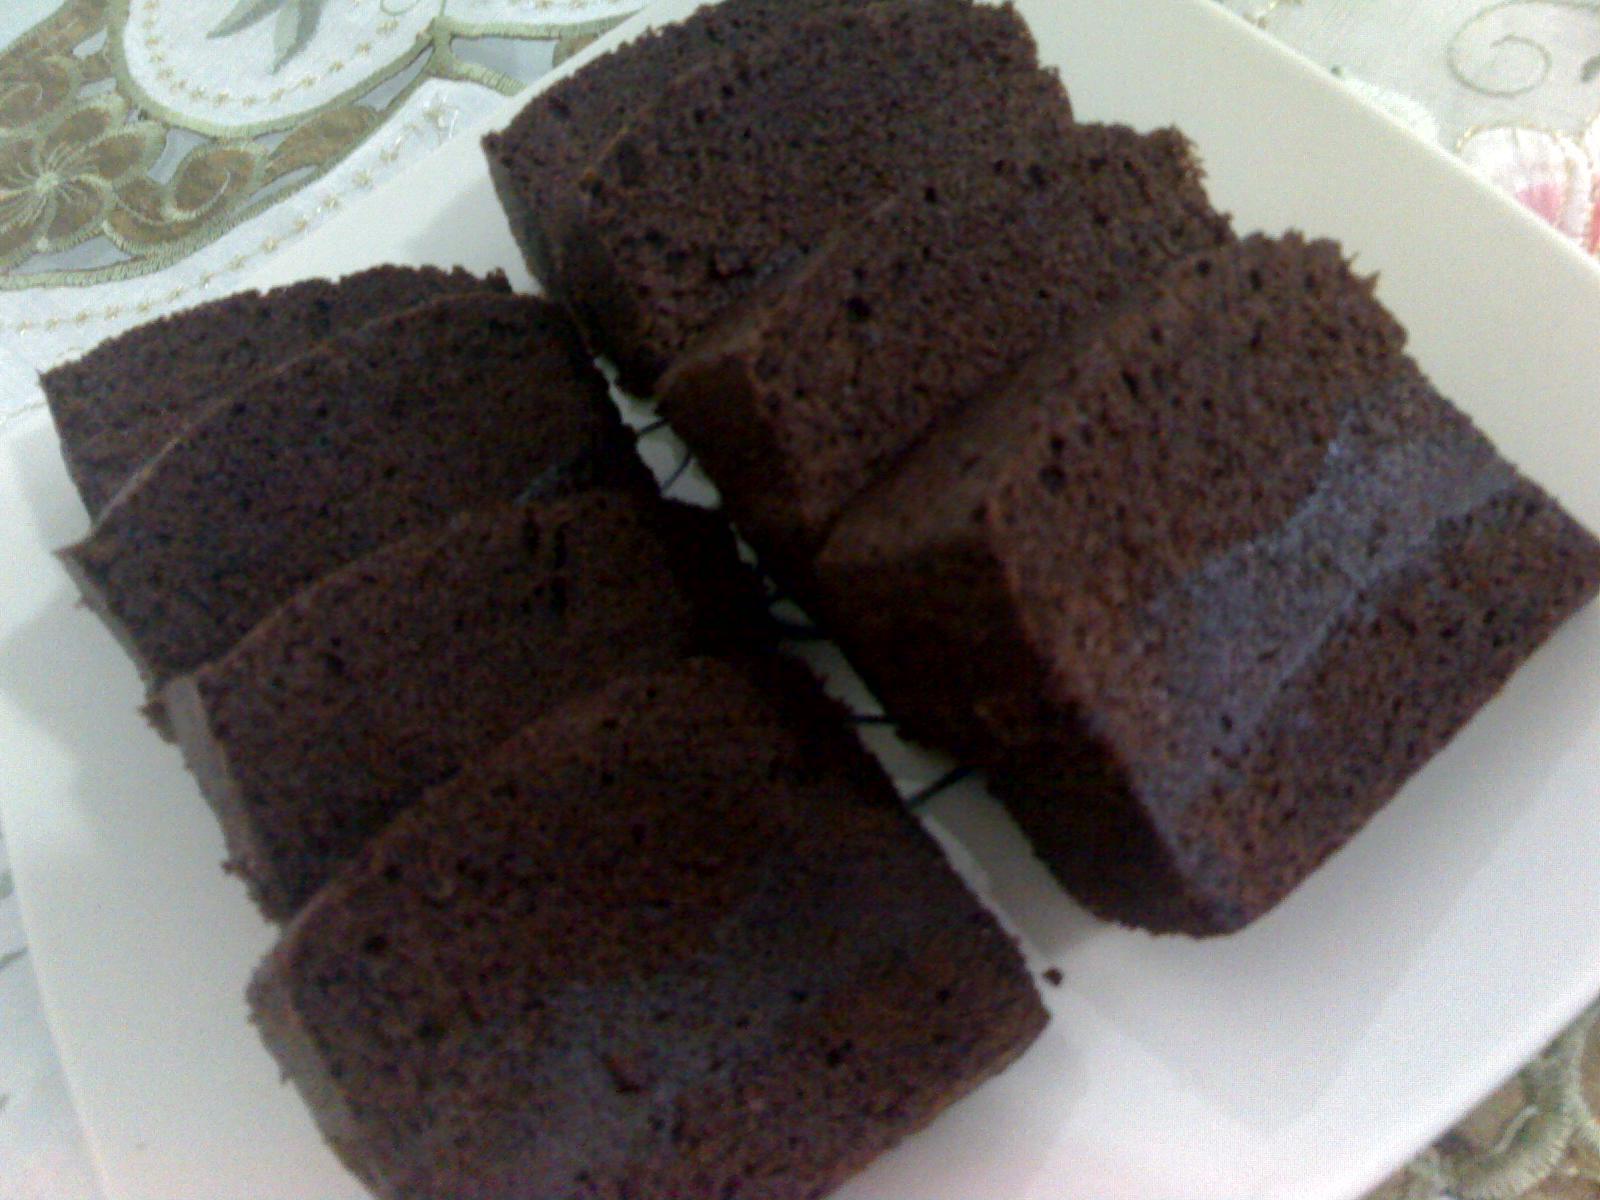 Resep Cake Kukus Sederhana: Resep Brownies Coklat Kukus Sederhana Enak Banget